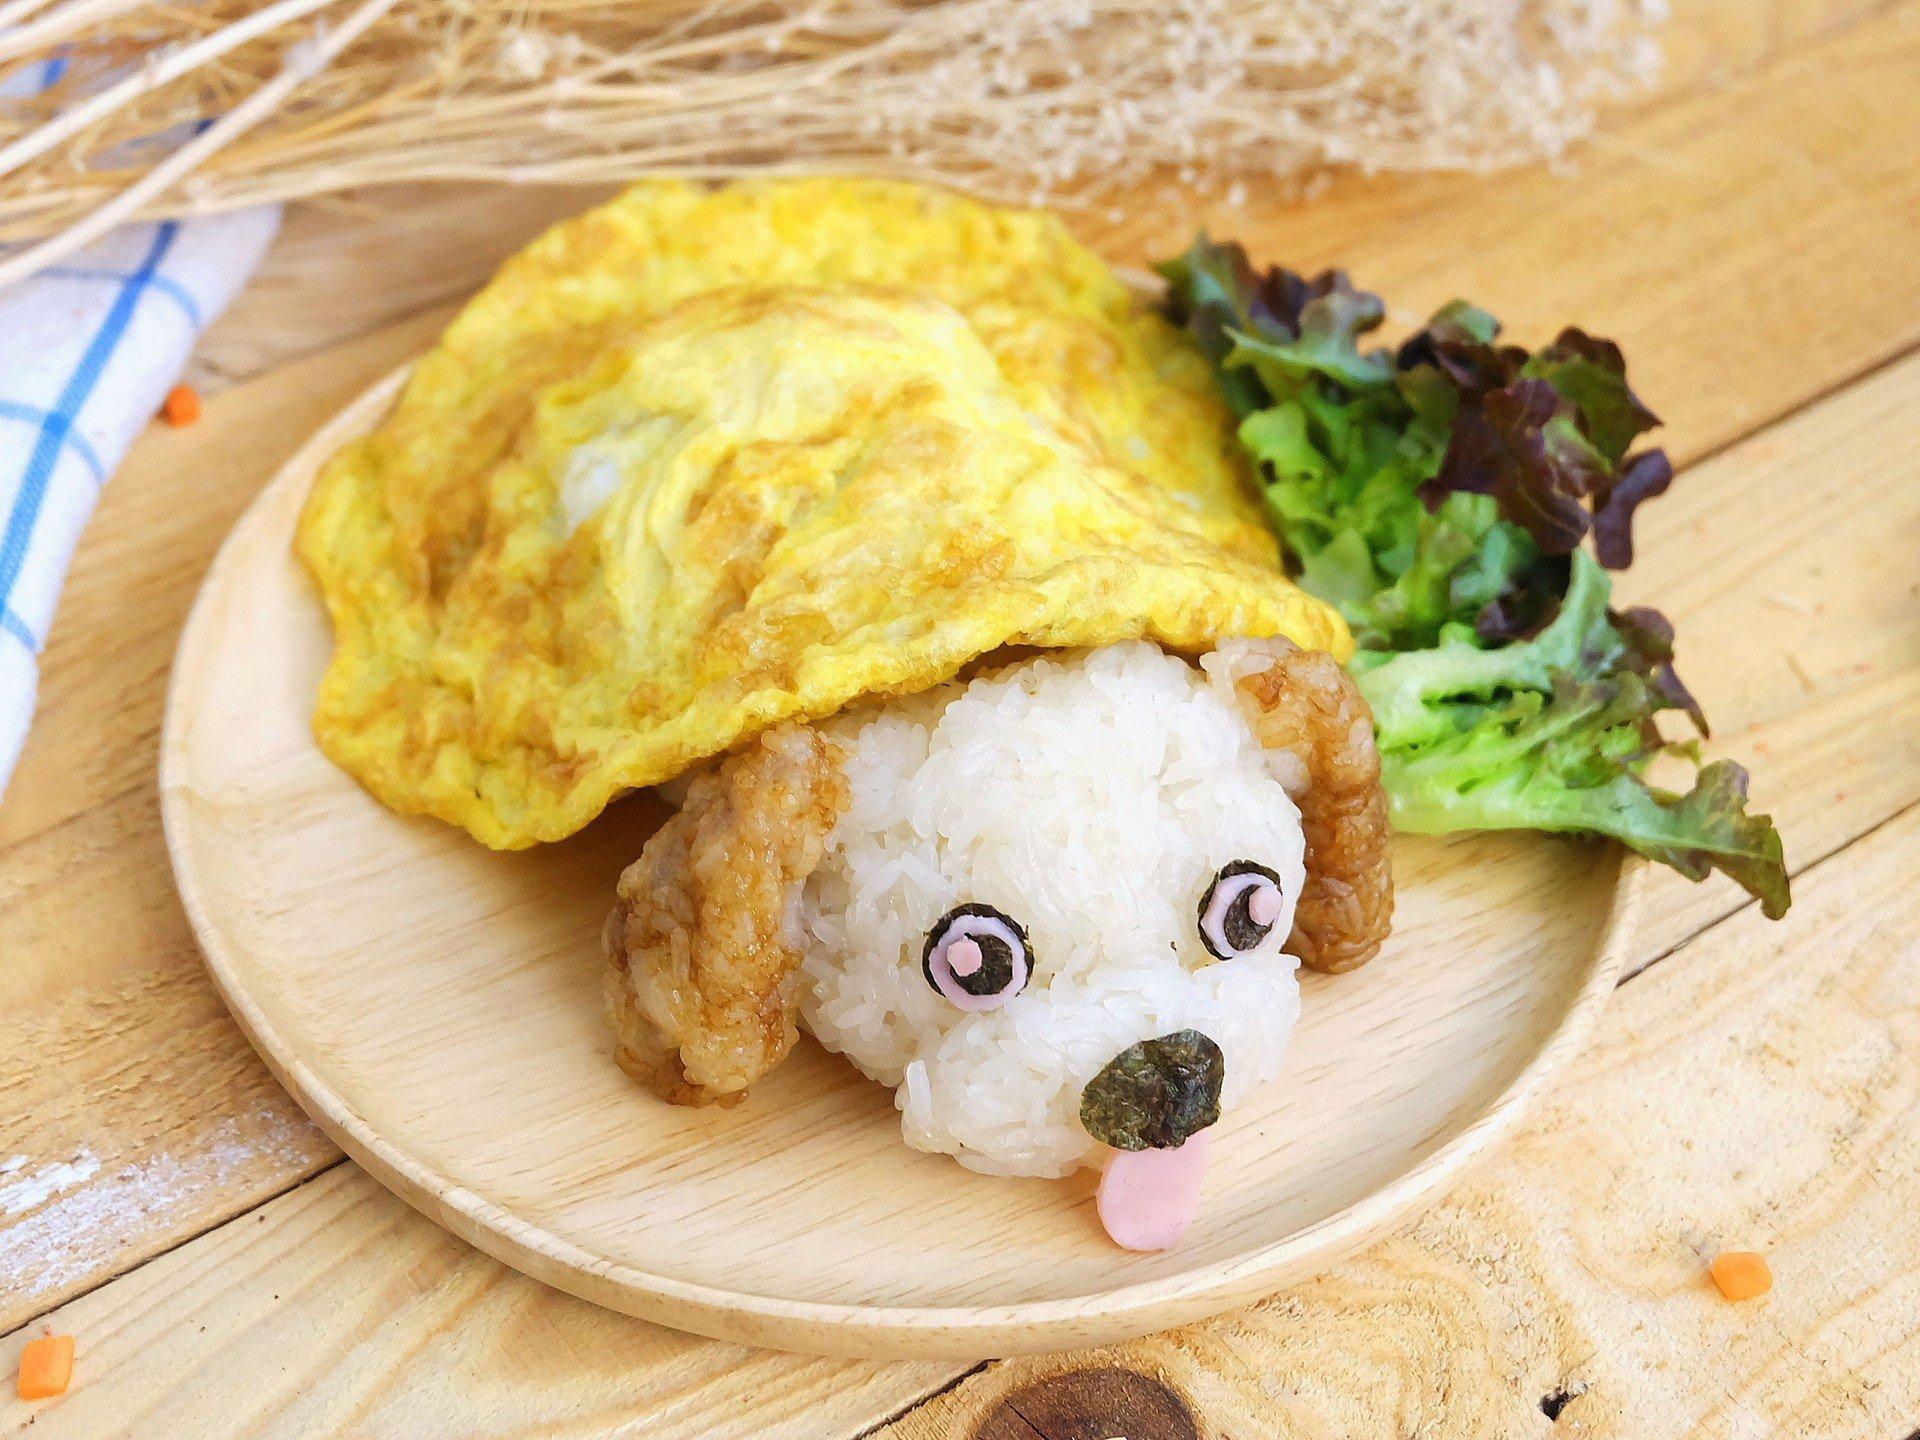 ข้าวไข่เจียว